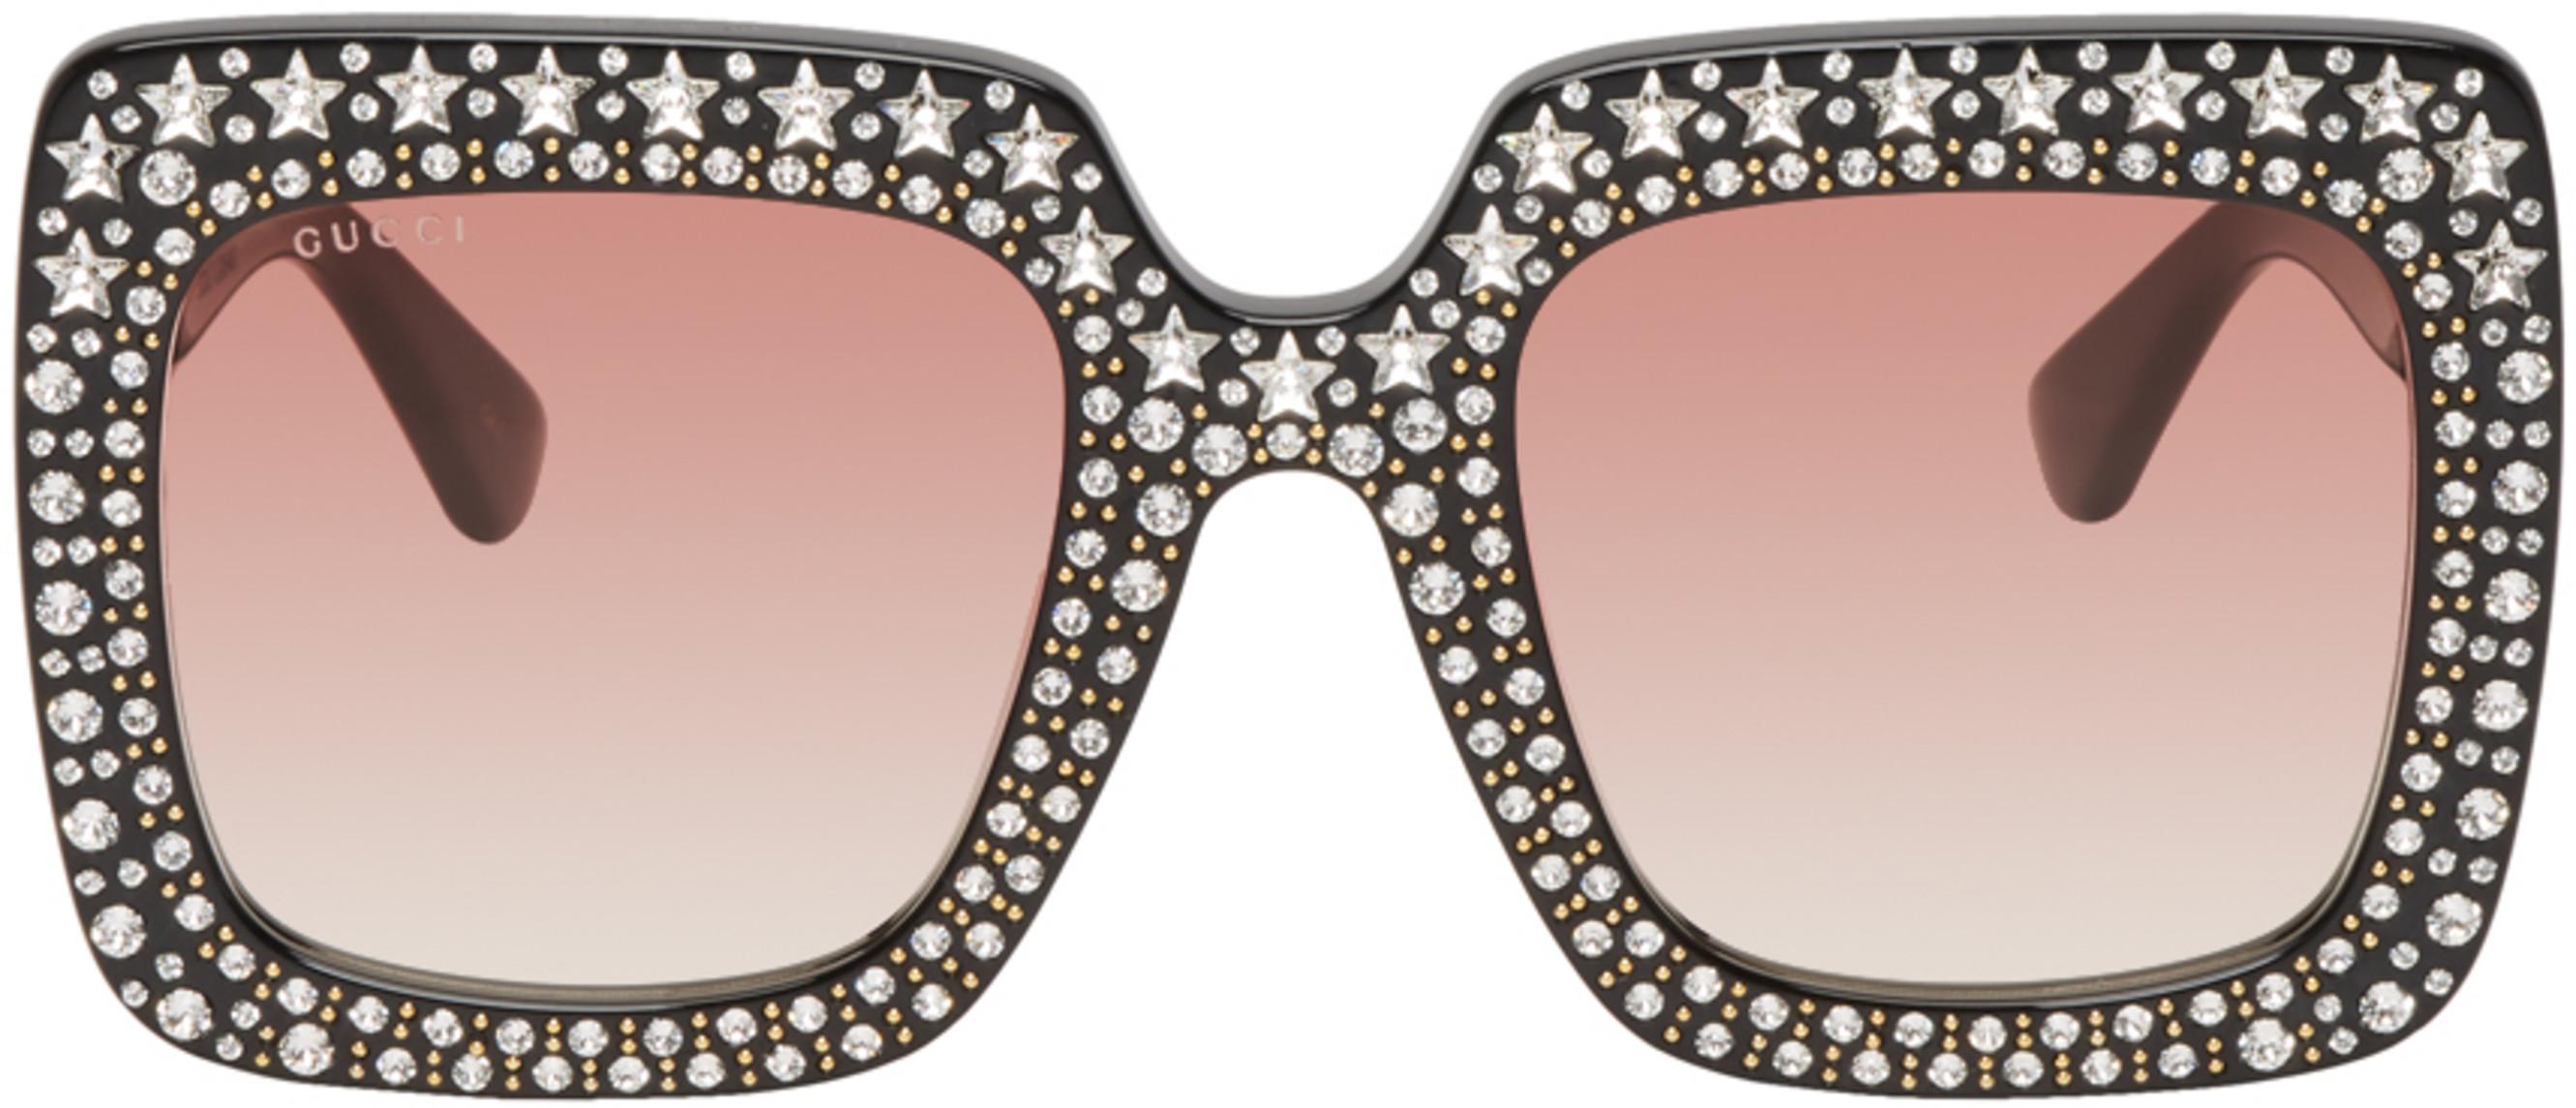 637be540fdf7 Gucci sunglasses for Women | SSENSE Canada